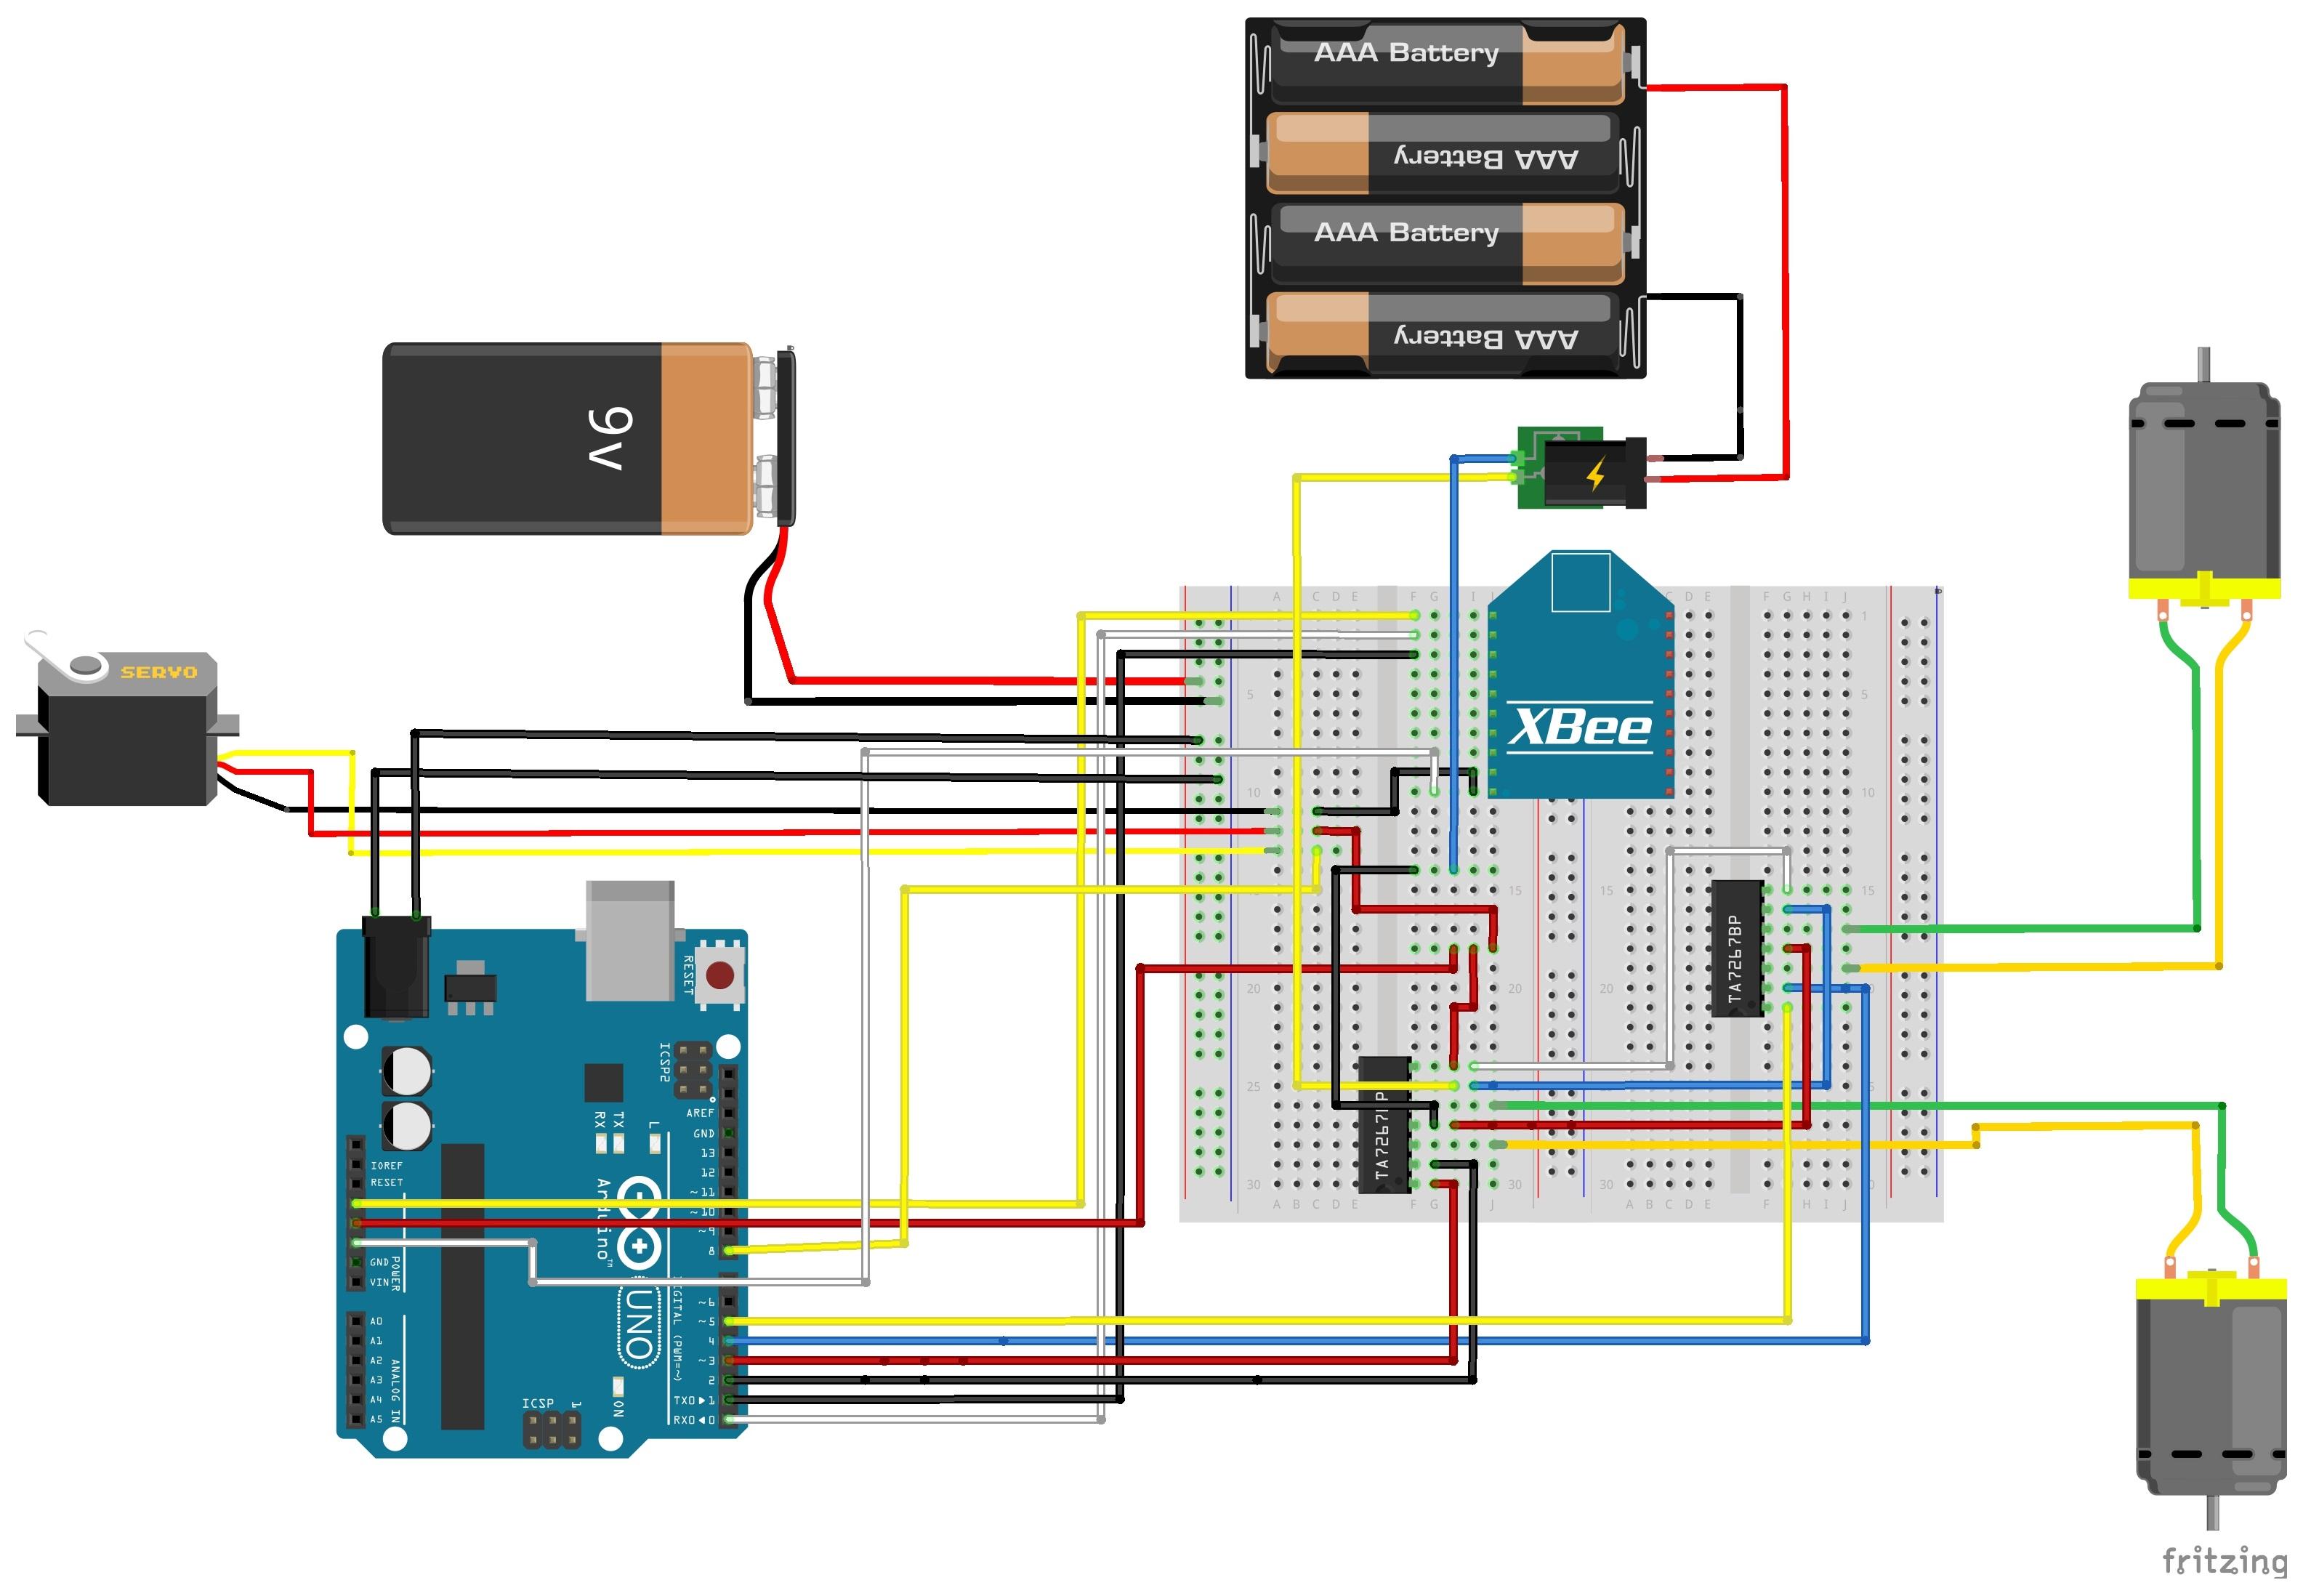 Arduinoとxbeeとnode jsを使用してweb画面からラジコンを操作できるようにしてみた